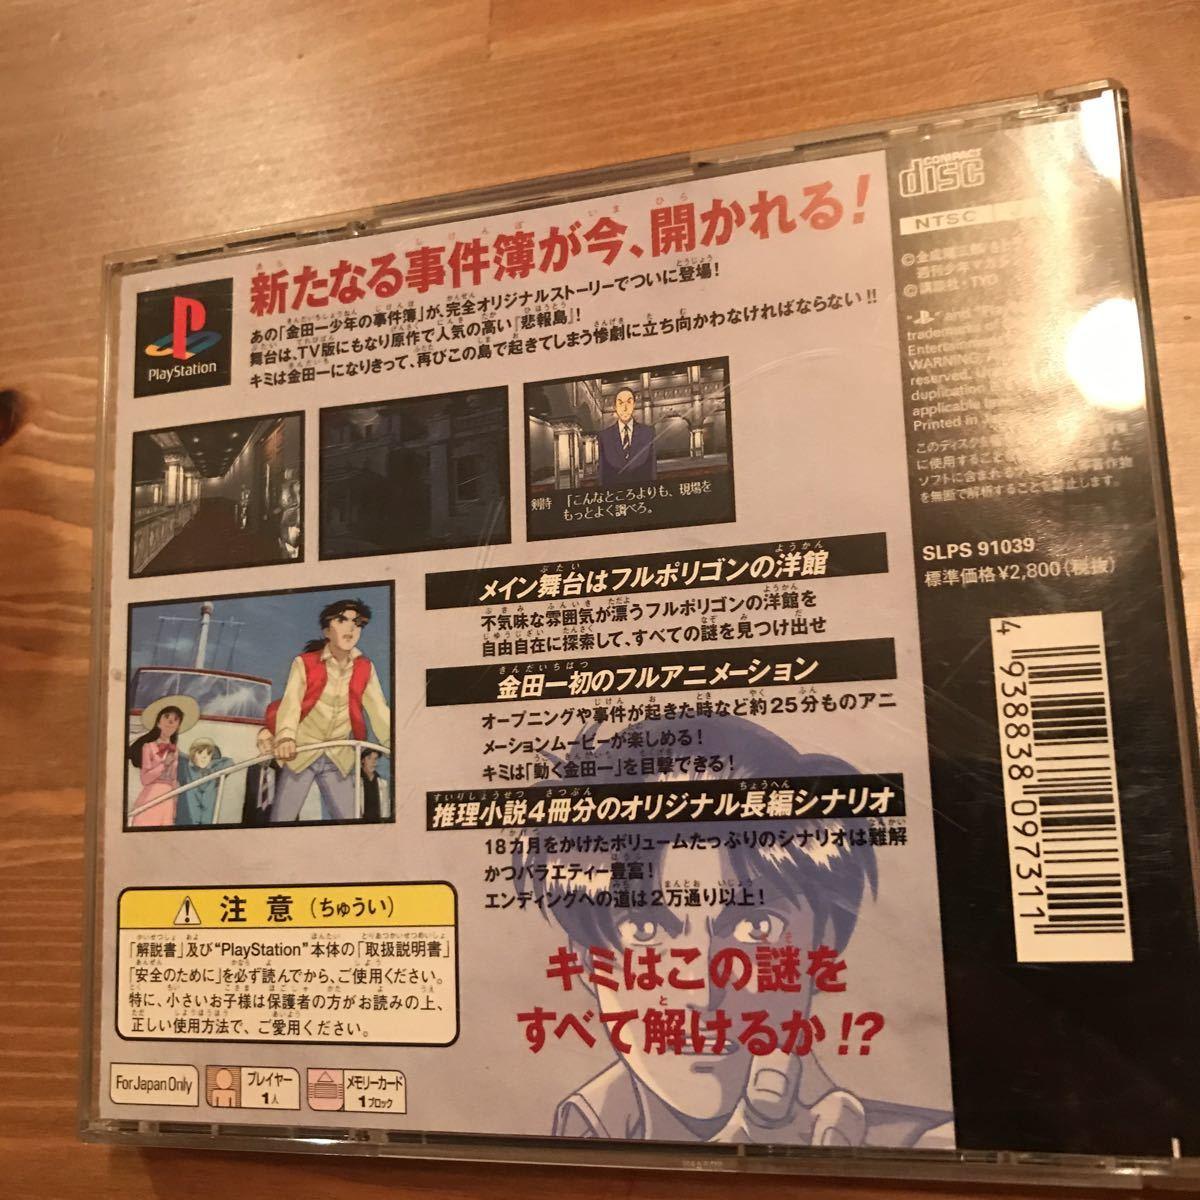 プレーステーション用ソフト 金田一少年の事件簿 懐かしのプレステソフトCD ハードカバー付き